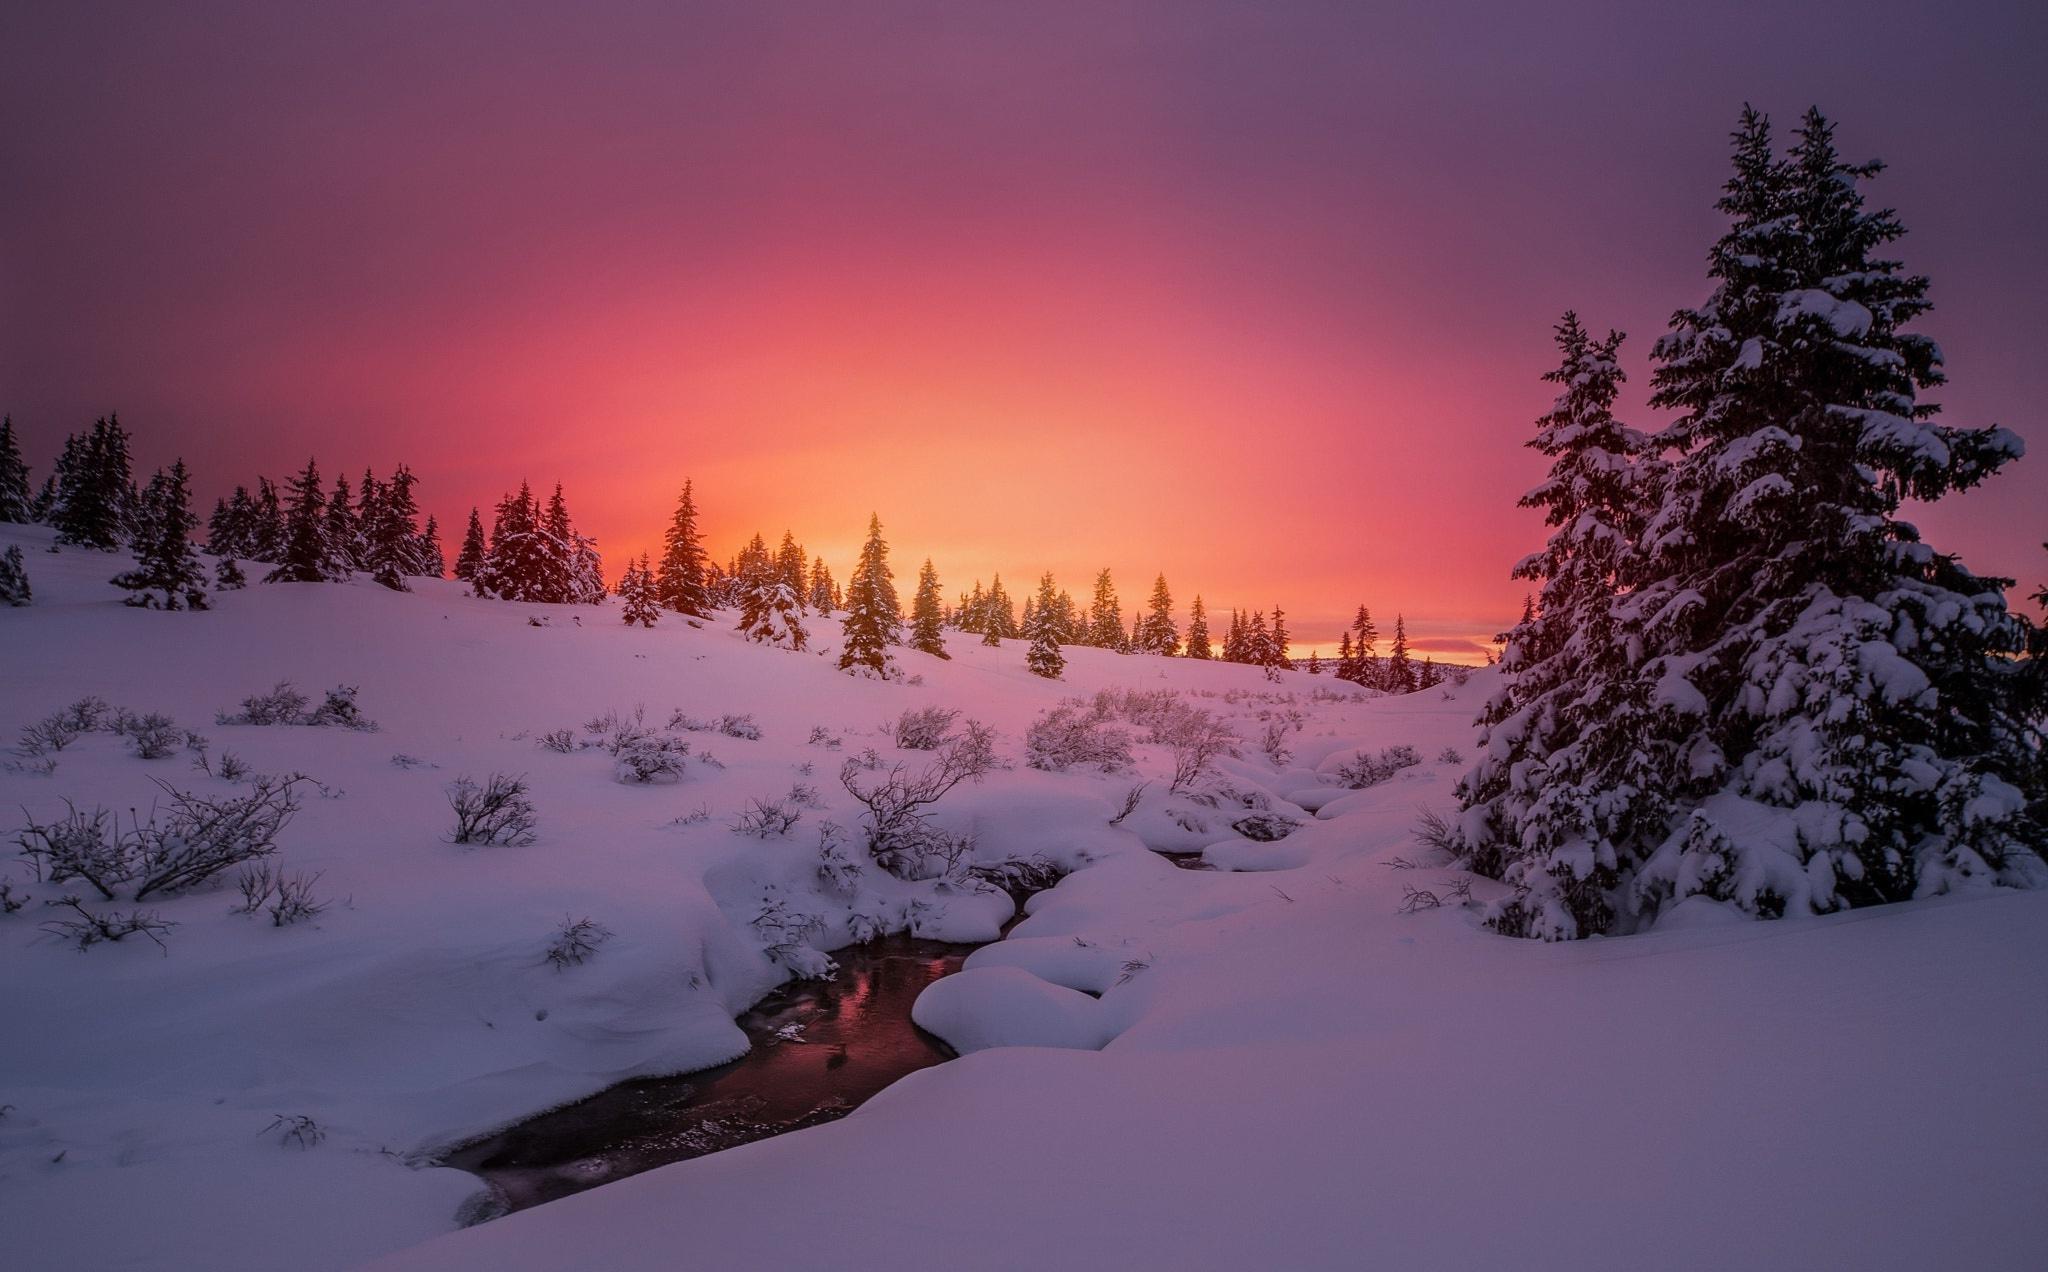 закат в снегах картинки каждый совершеннолетний